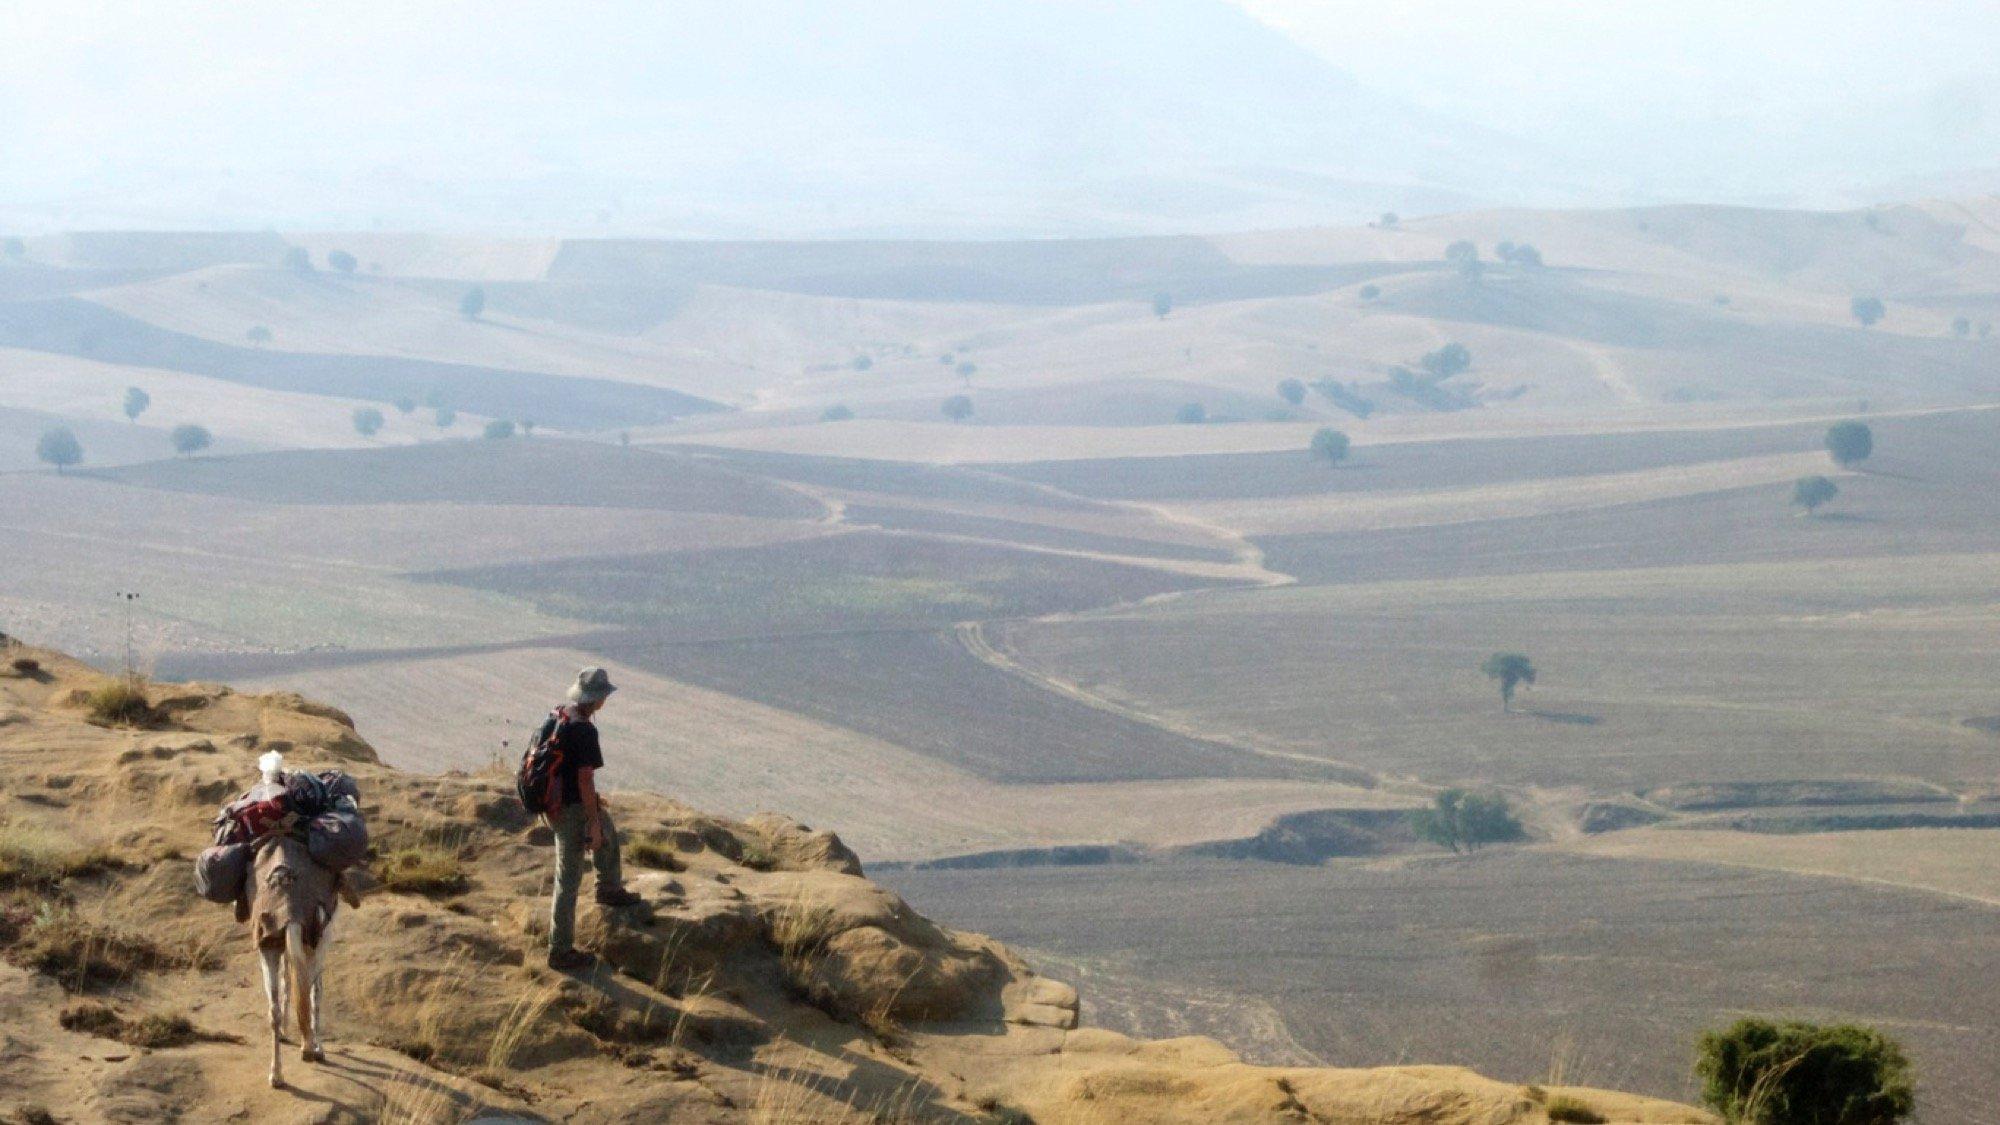 Der Journalist Paul Salopek steht am Rand eines Berges und schaut in die Ferne. Dort sind viele Felder zu erkennen.